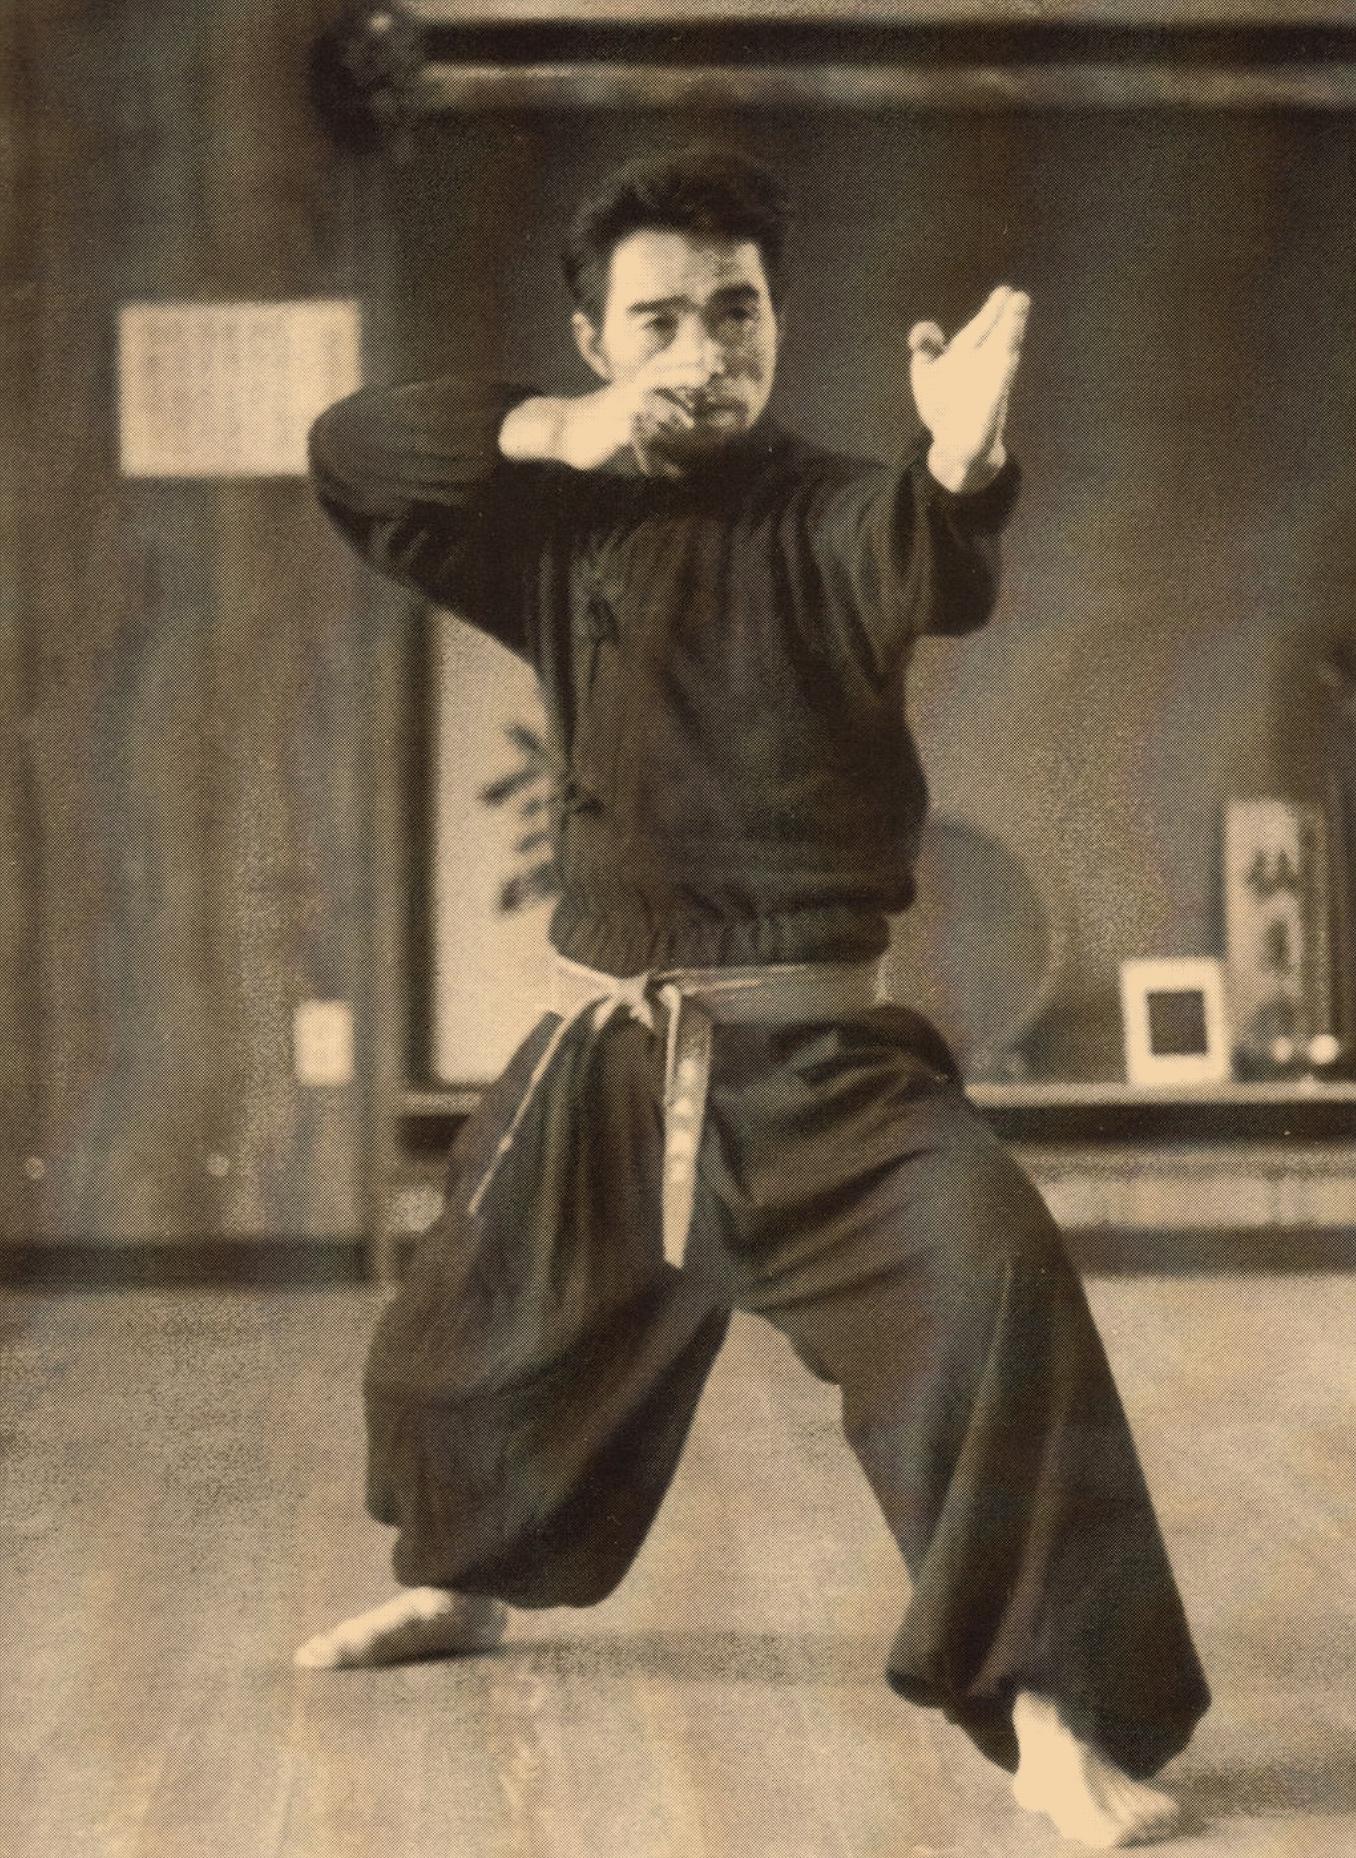 Mr. Seiji Hirayama - 1921-2002